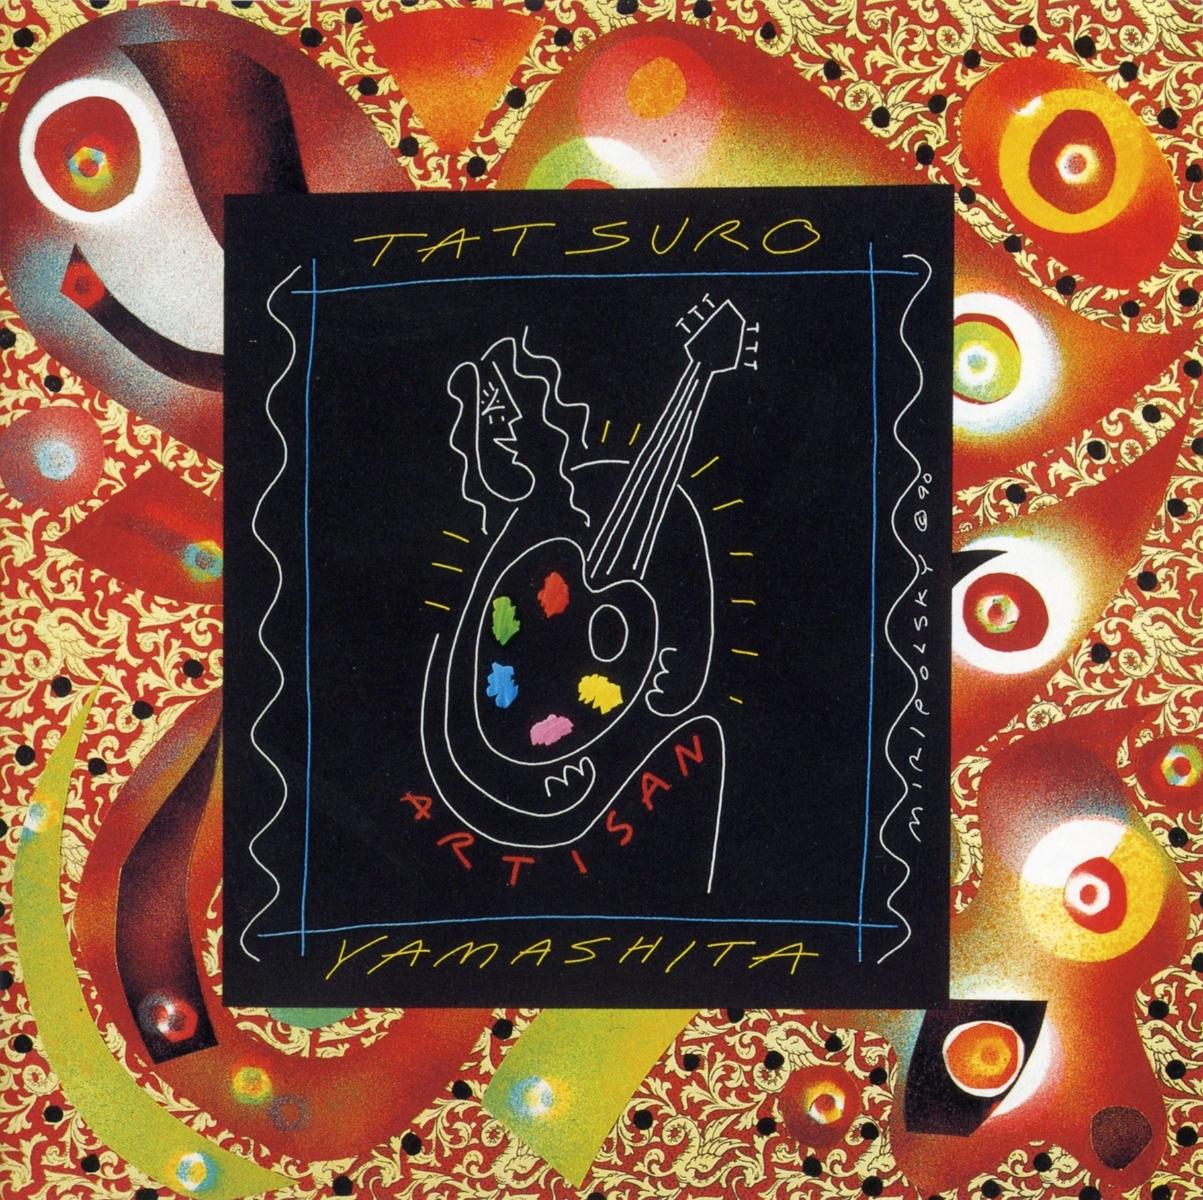 未使用品 アルチザン レコード LP 山下達郎 ARTISAN 30th Anniversary 超定番 アナログ盤 送料無料 新品 Edition